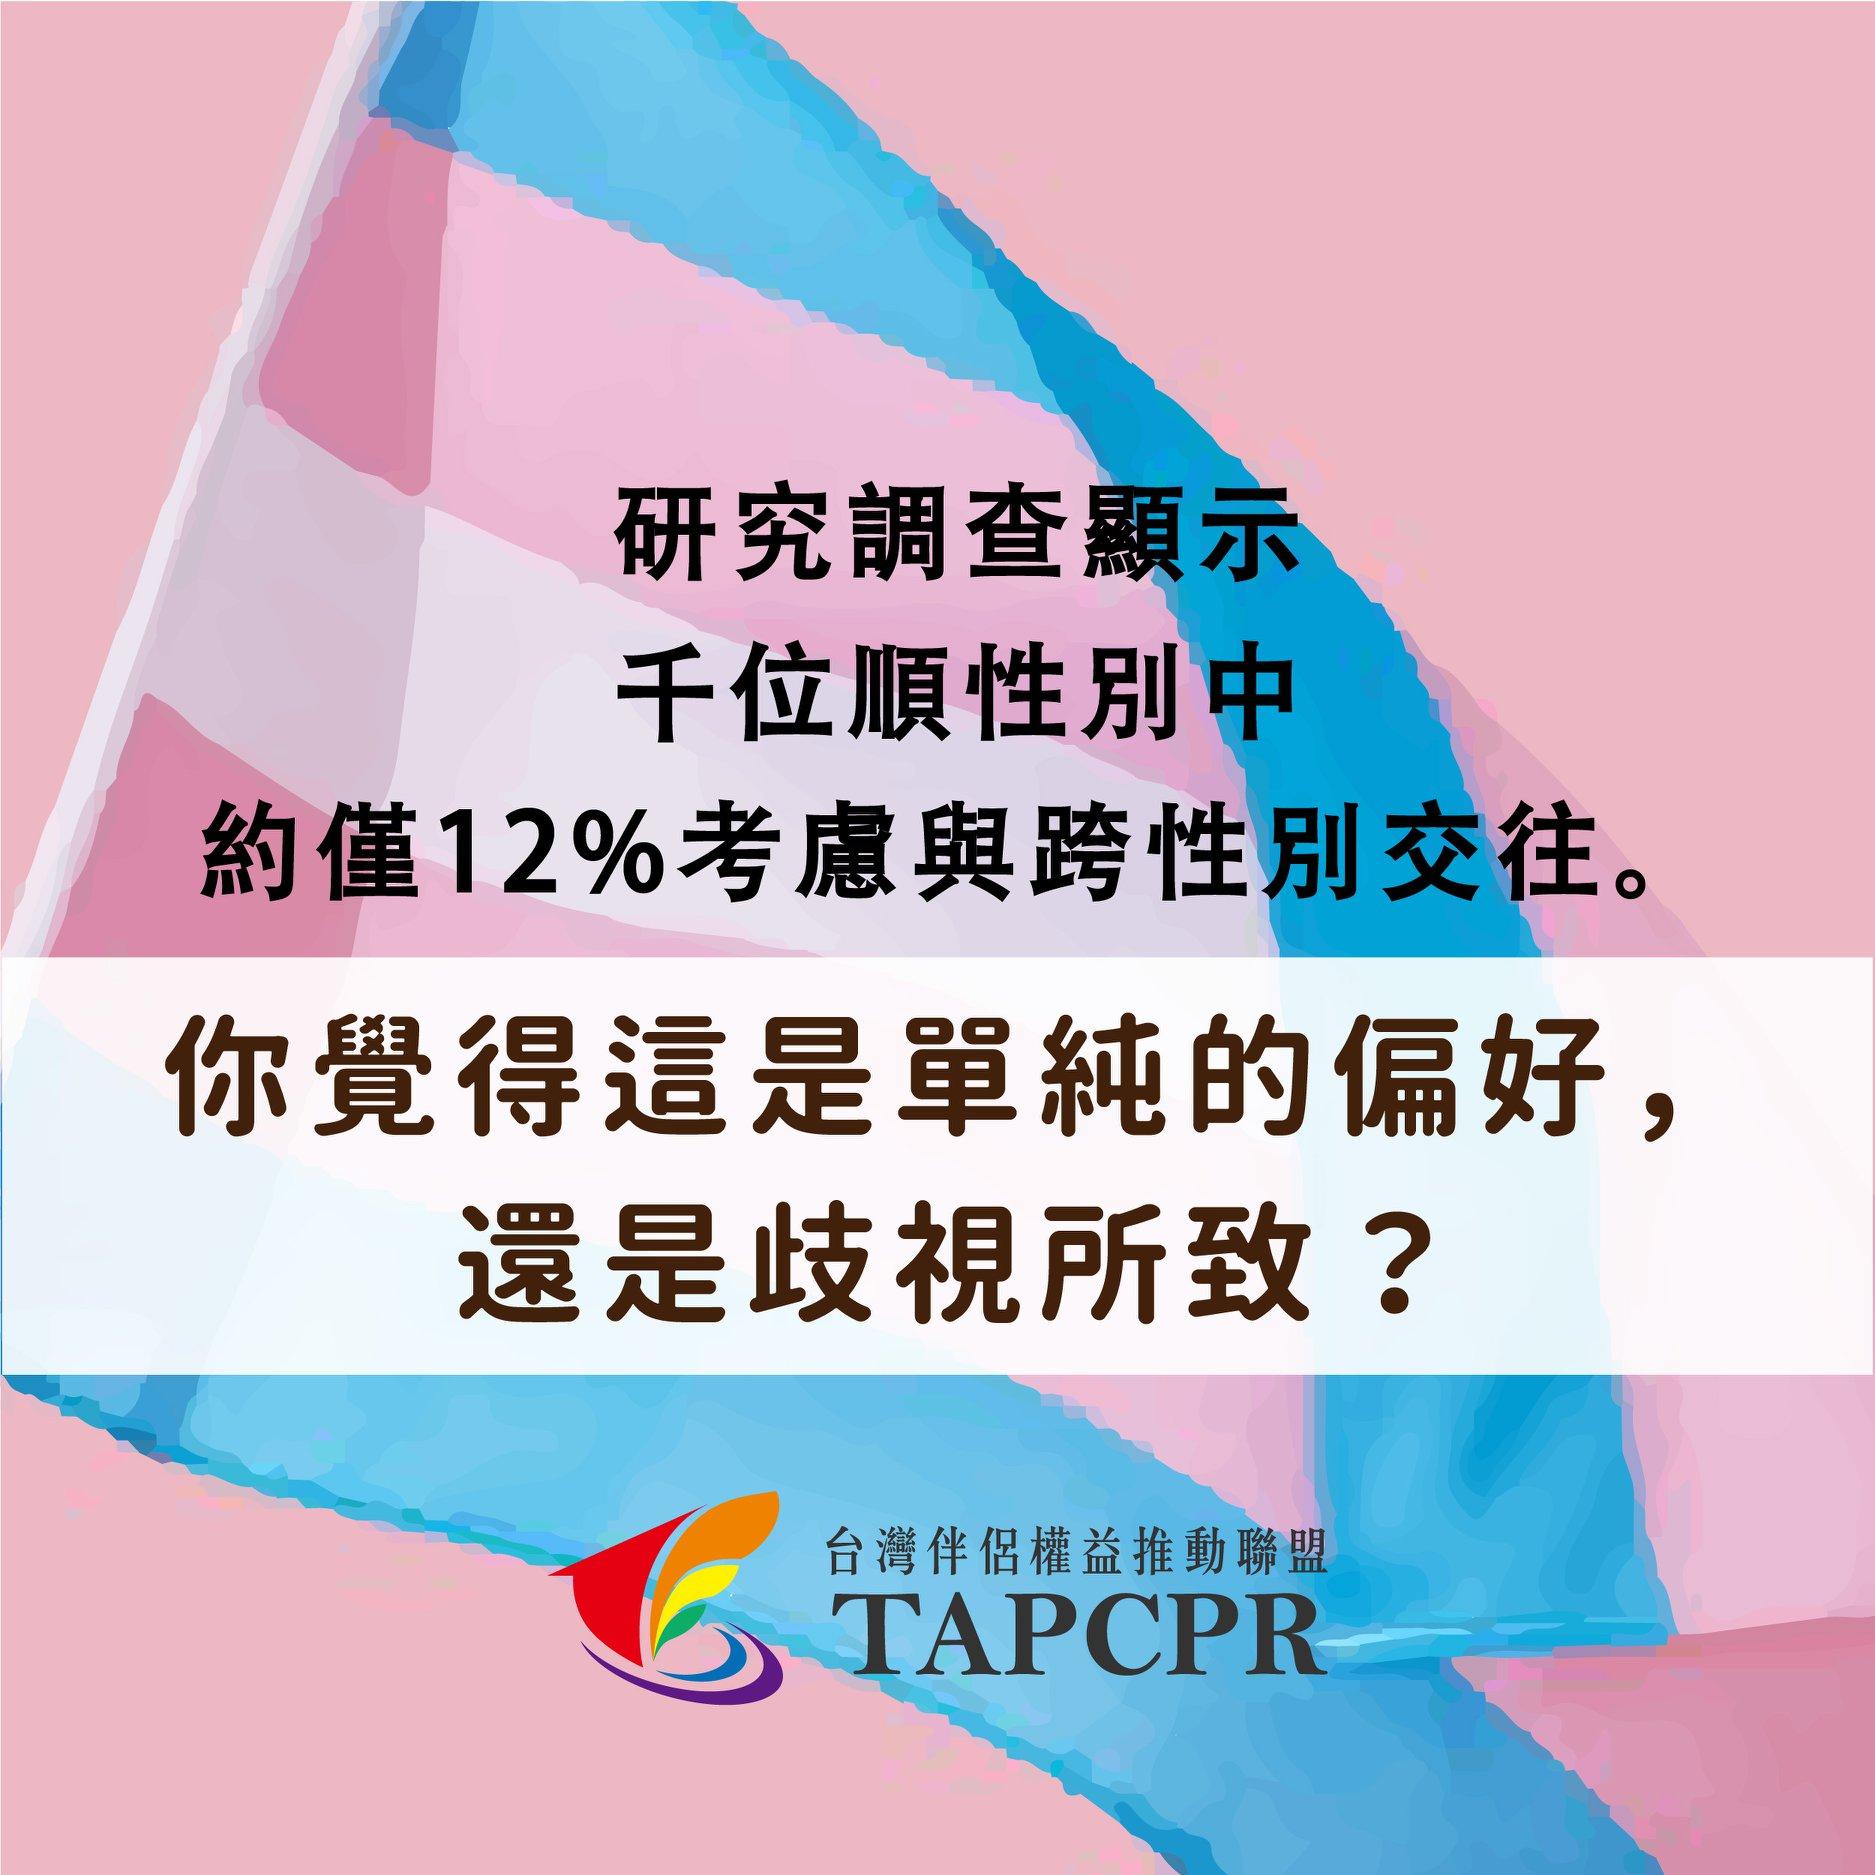 順性別者多不願與跨性別交往,這是偏好還是歧視?